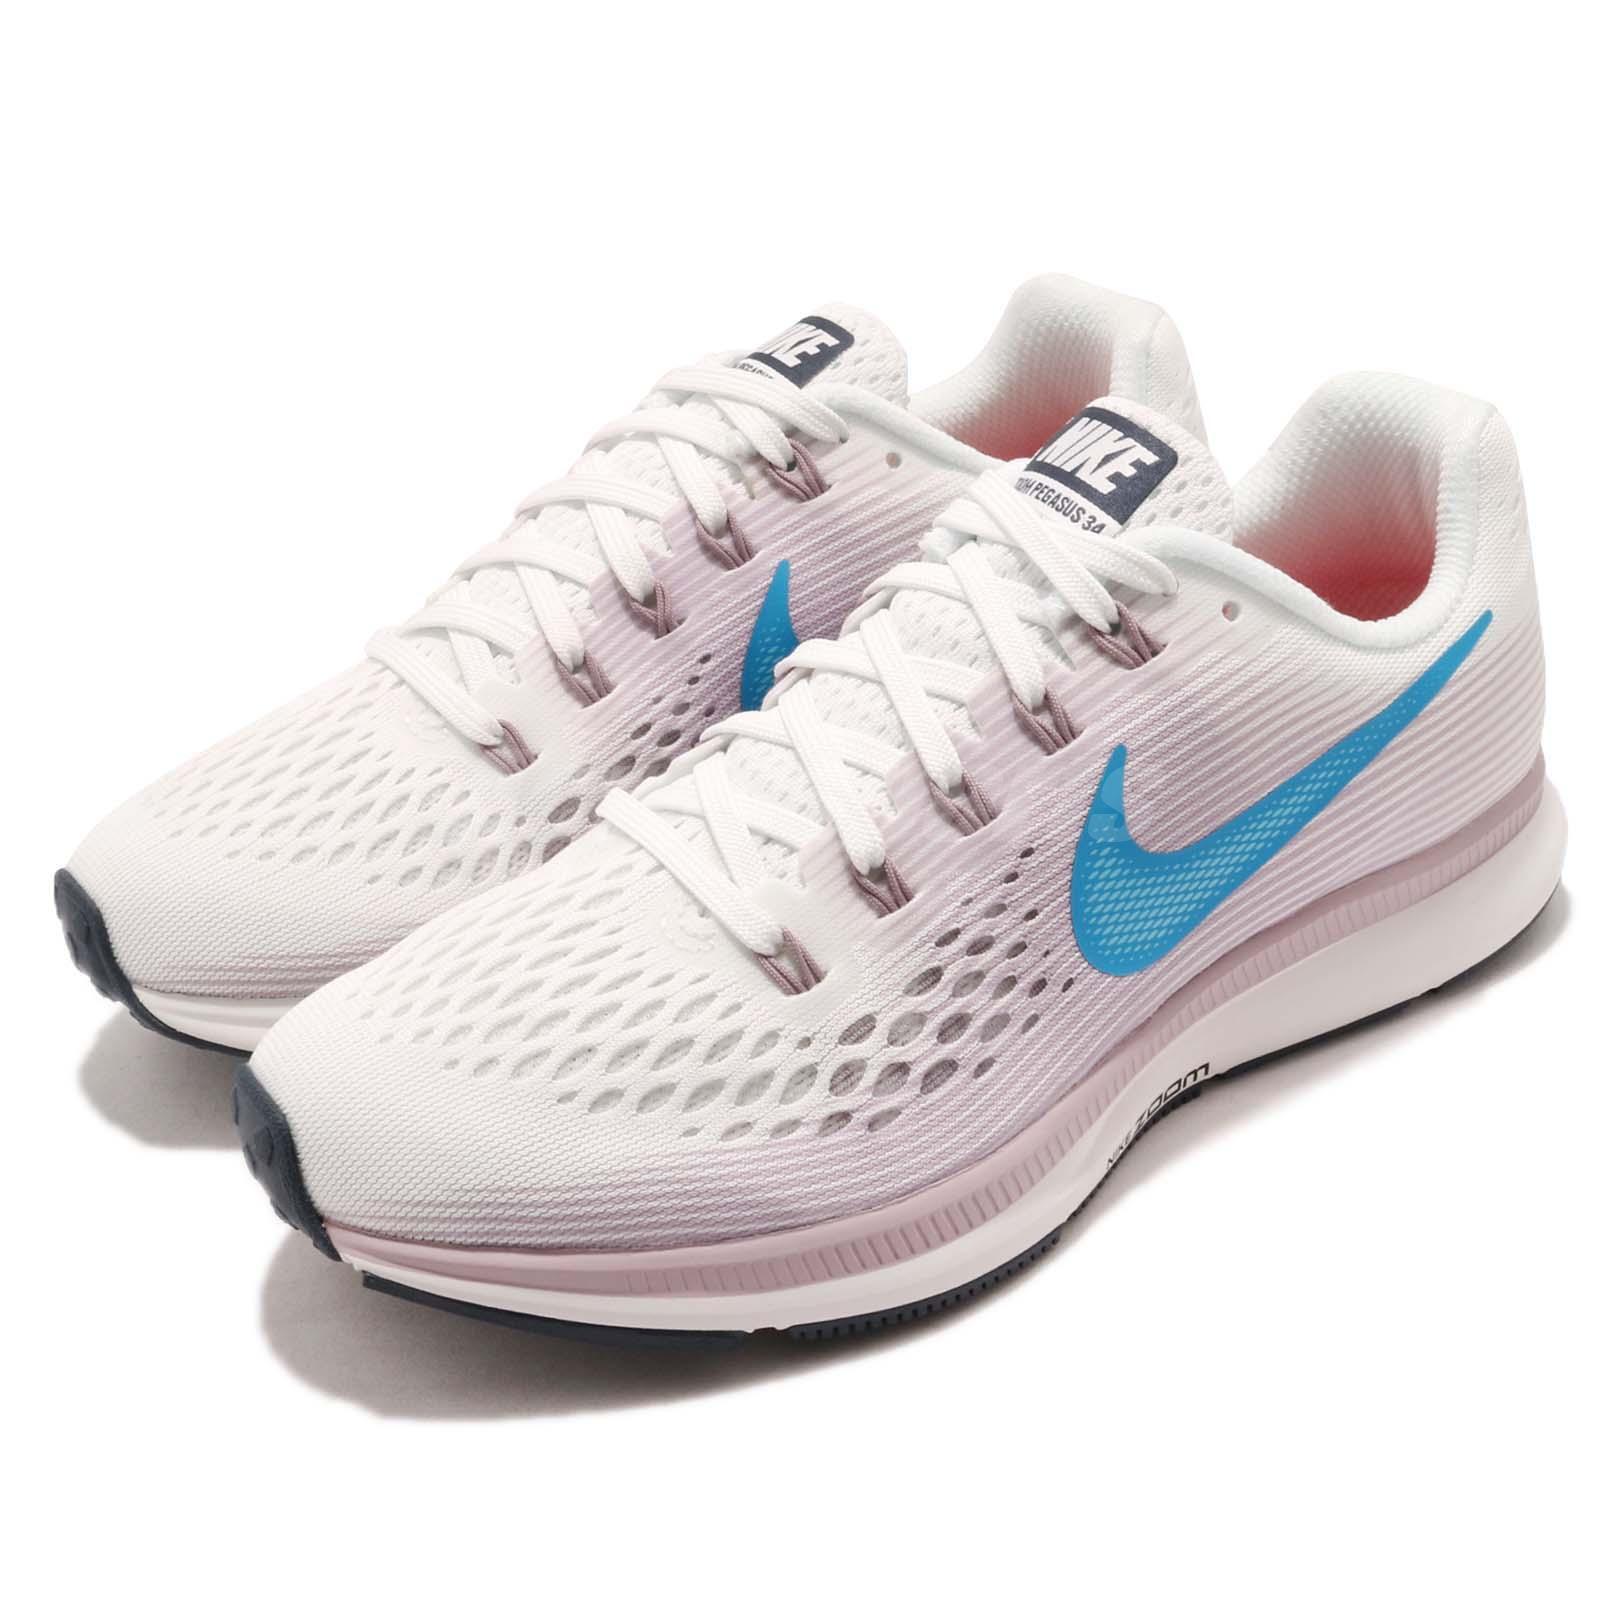 Nike Wmns Air Zoom Pegasus 34 Blanc Bleu Violet Femmes Chaussures De Course 880560-105